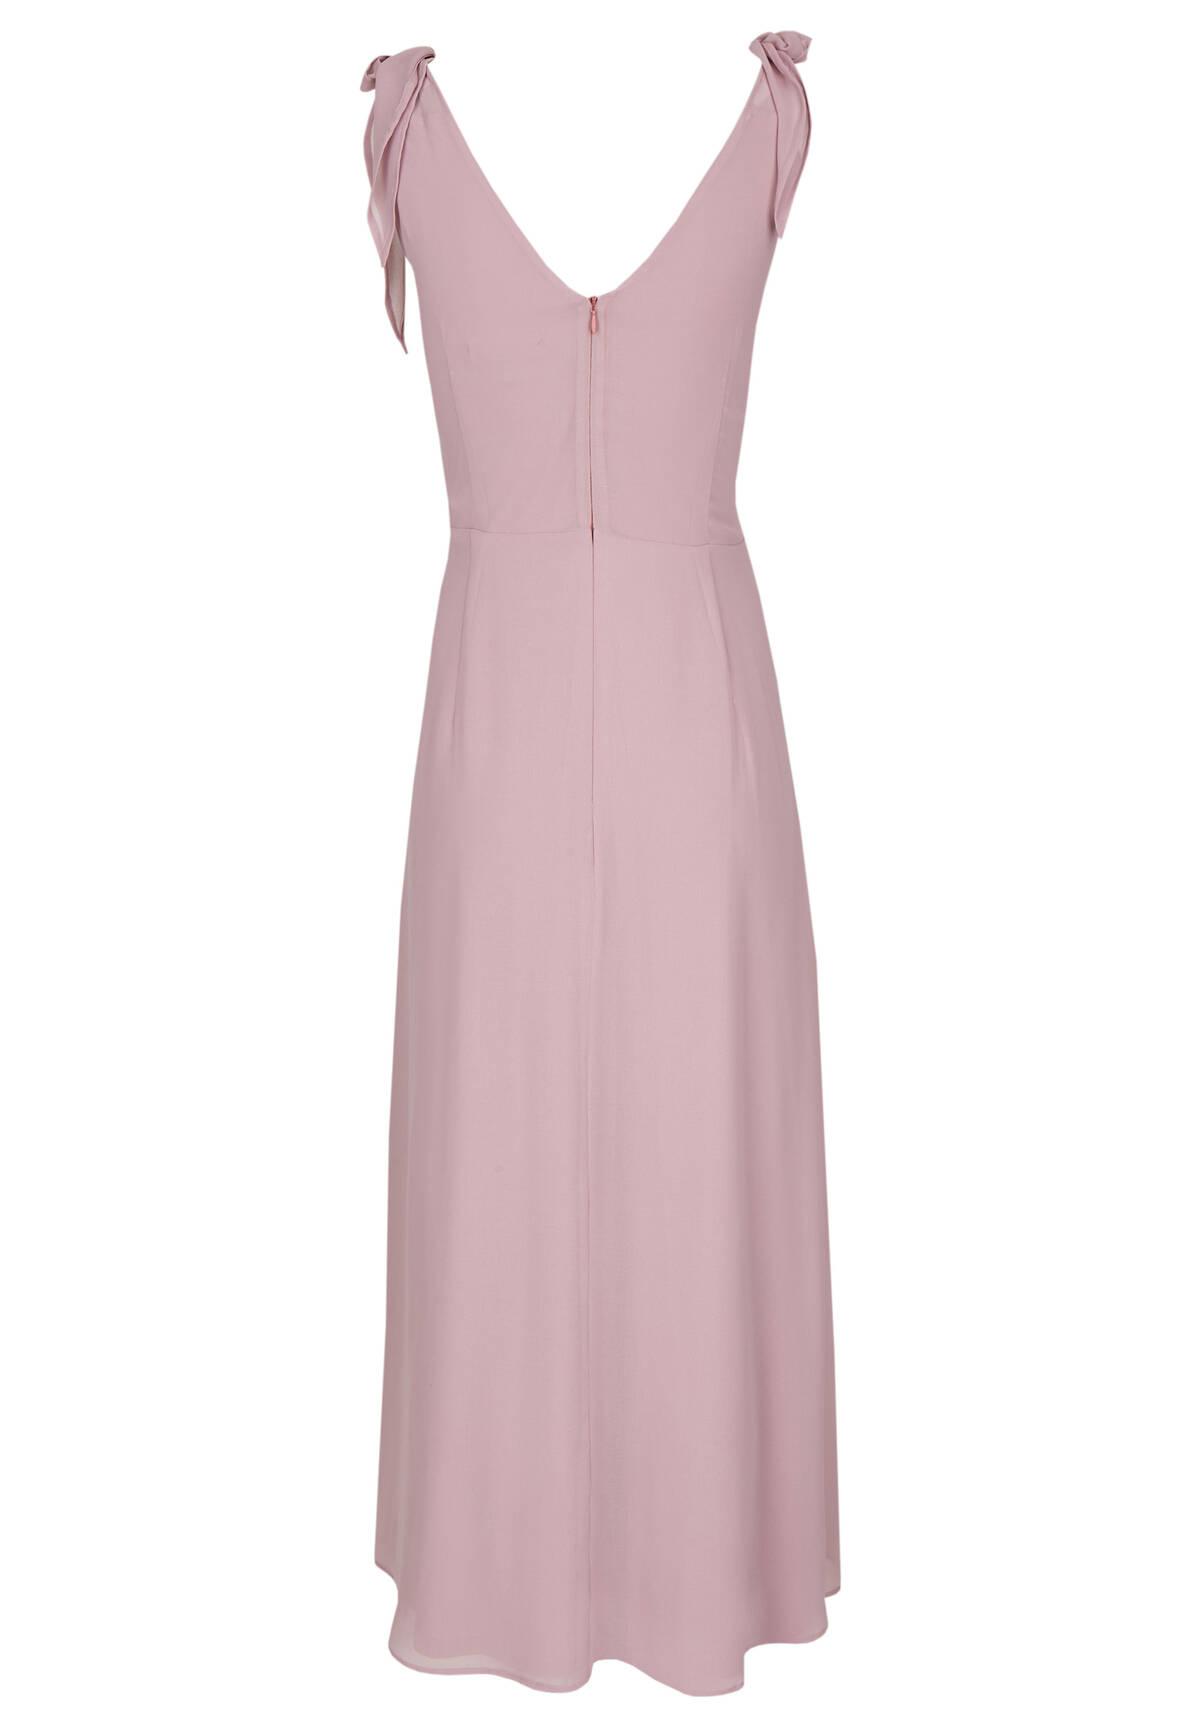 Chiffon-Kleid mit Schleifen-Details / Chiffon Dress